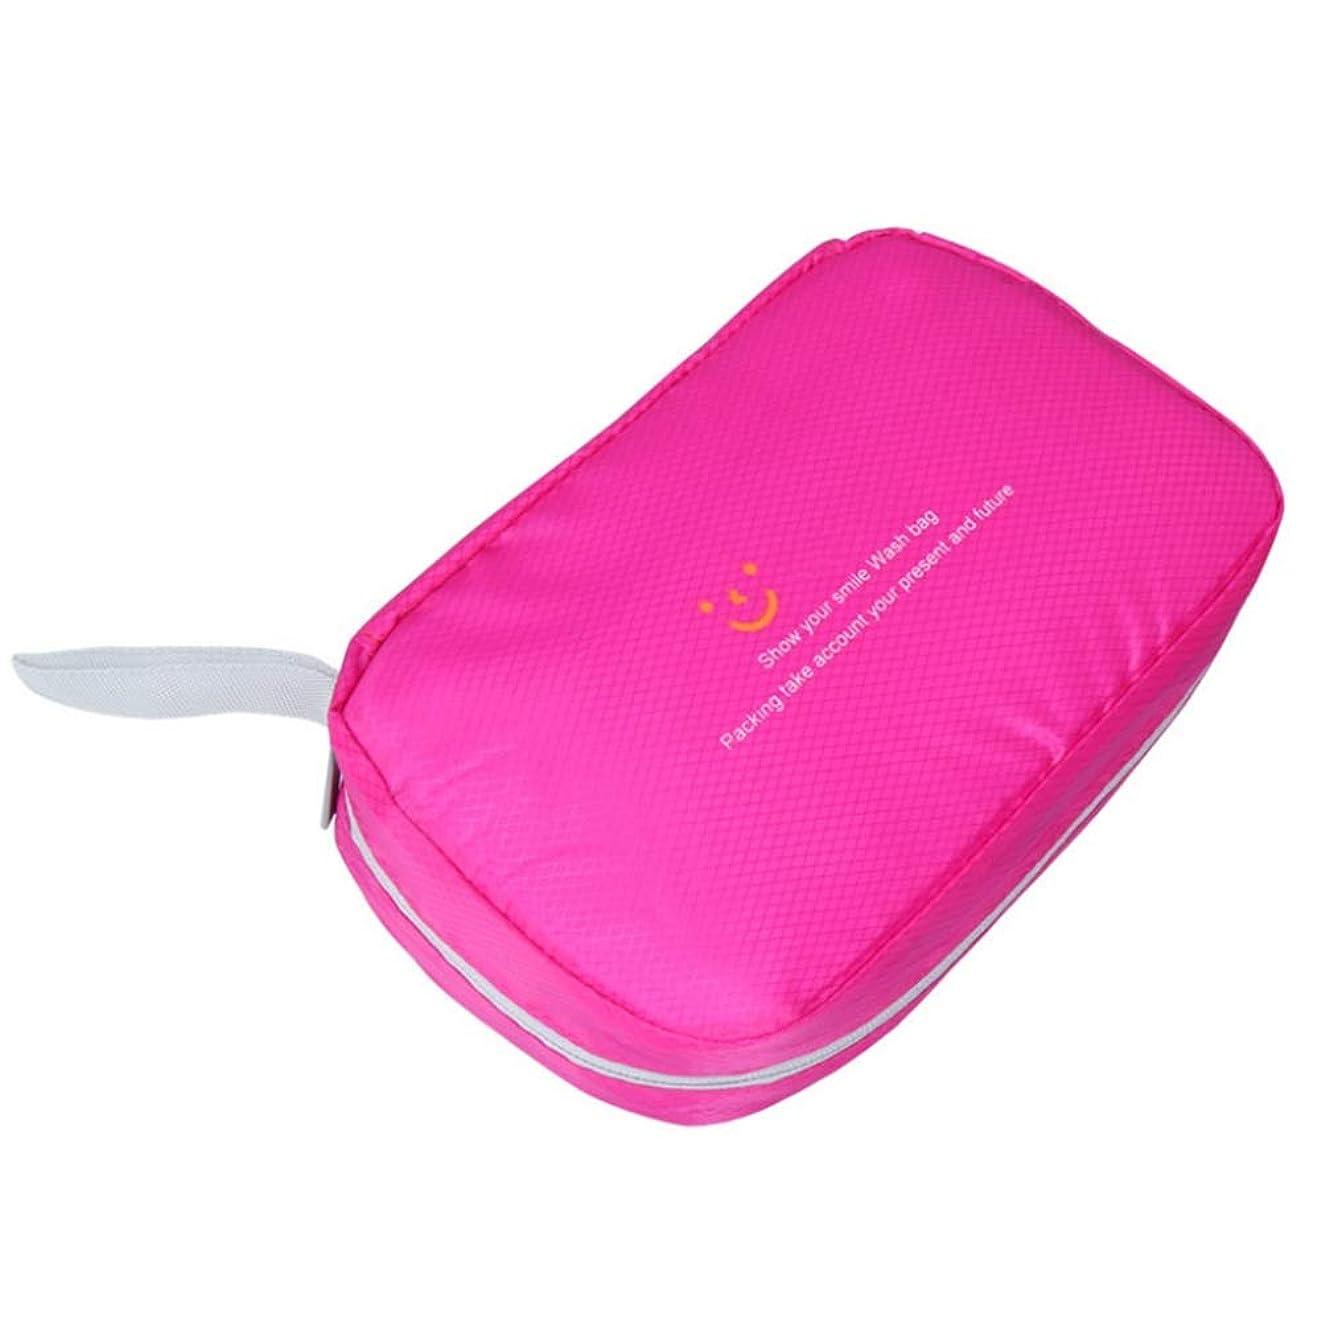 情熱階続ける特大スペース収納ビューティーボックス 美の構造のためそしてジッパーおよび折る皿が付いている女の子の女性旅行そして毎日の貯蔵のための高容量の携帯用化粧品袋 化粧品化粧台 (色 : ピンク)